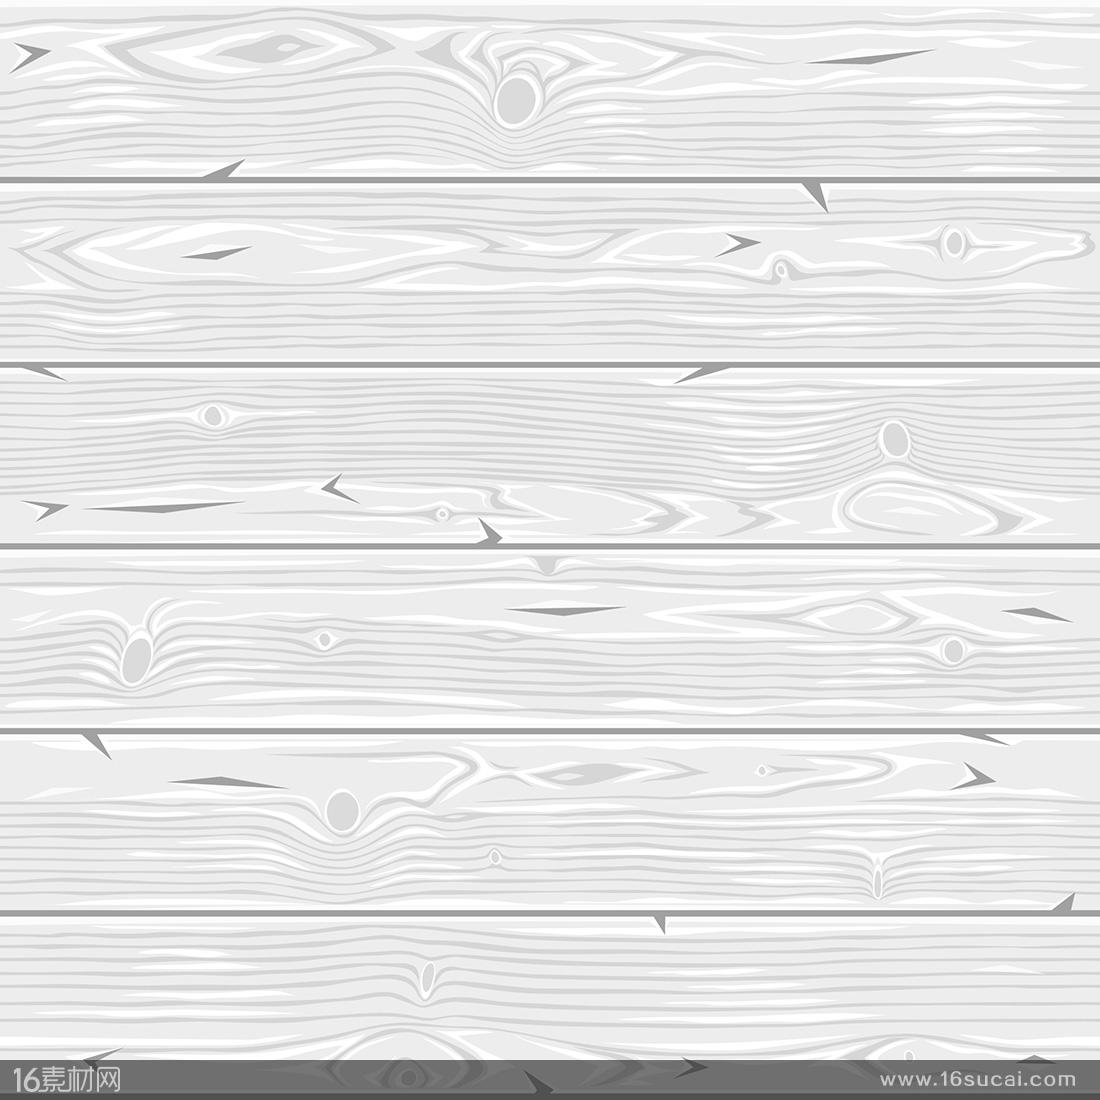 纯白  纯白背景图片图片  纯白渐变底图素材  纯白  纯白砂岩  纯白图片,其他摄影,摄影素材  请发一张纯白的图片给我  纯白浅色大理石贴图  纯白背景进度背景ppt图片  一大波纯白背景文字.72  求几张纯白图片  纯白  纯白樱花图片  纯白的图片也很暗  简约白色造型图案矢量素材(图片id:117037)  白色生态木贴图材质  白色卡通木质地板矢量素材(图片id:117161)  纯白图片,纯白图片背景  纯白底简约文字皮肤皇冠纯白皮肤纯白底图片文字  纯白  纯白皮肤小儿皮肤白斑图